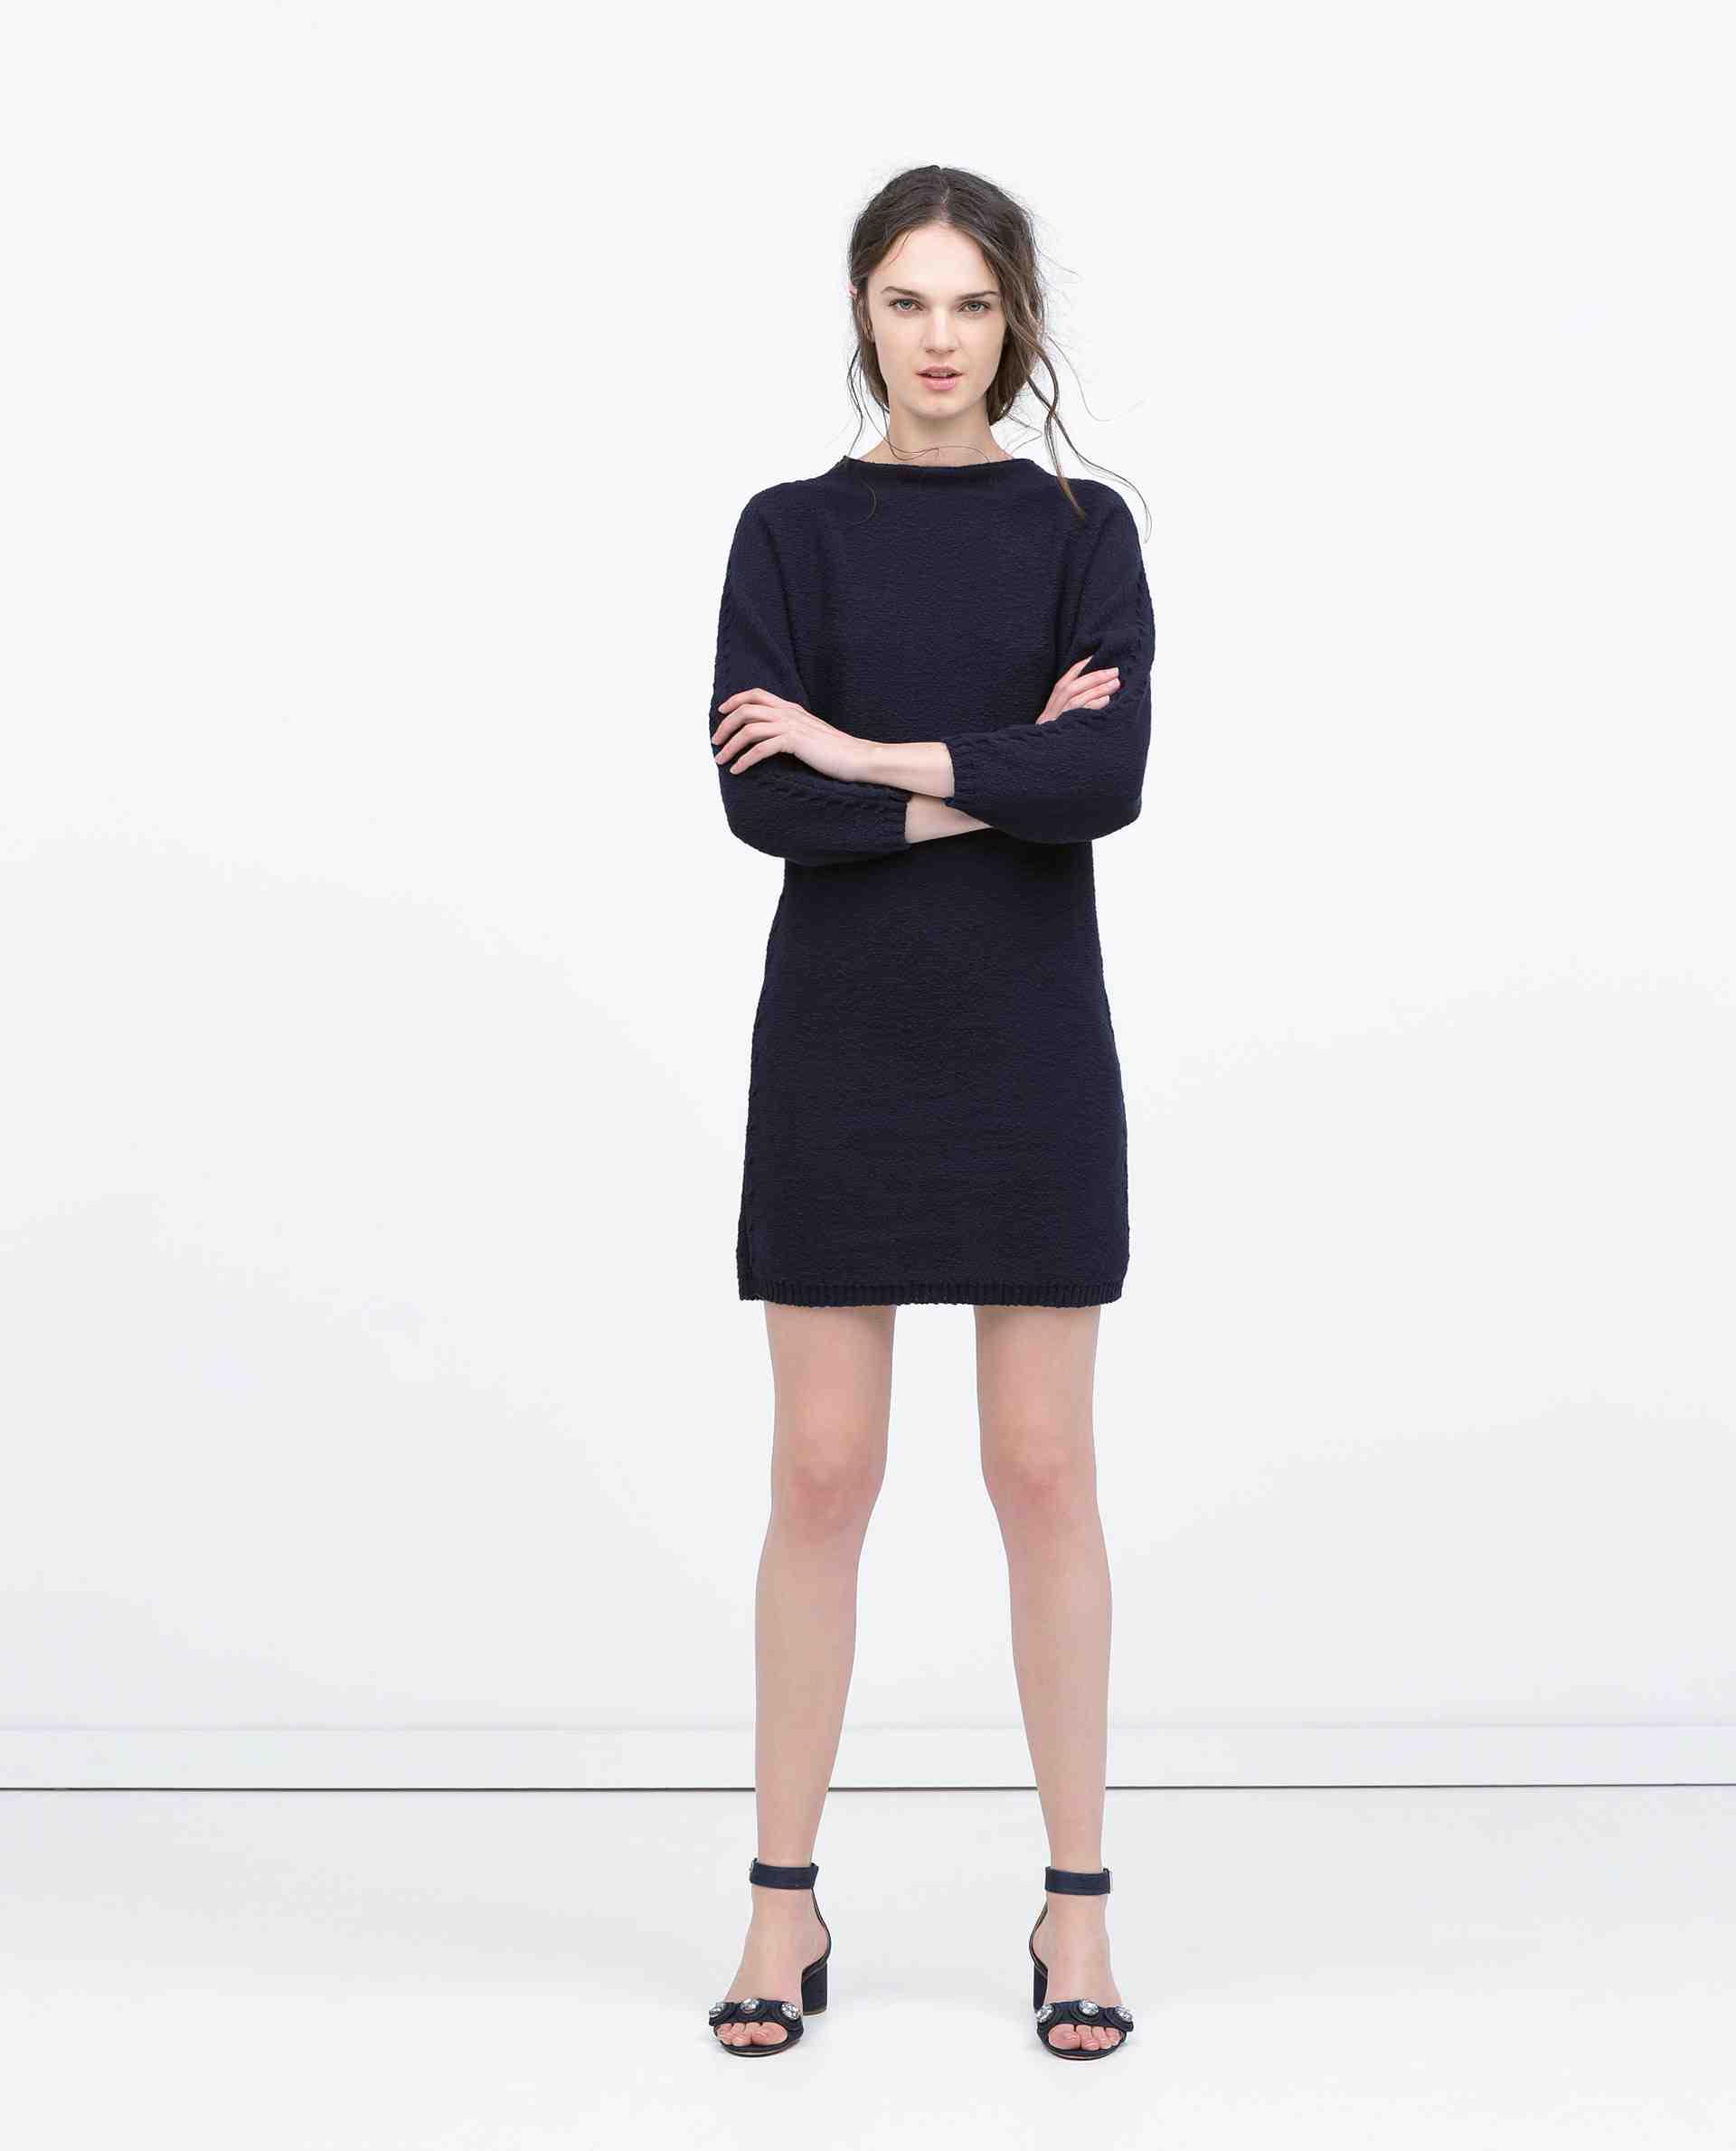 Zara - Robe(40 €)